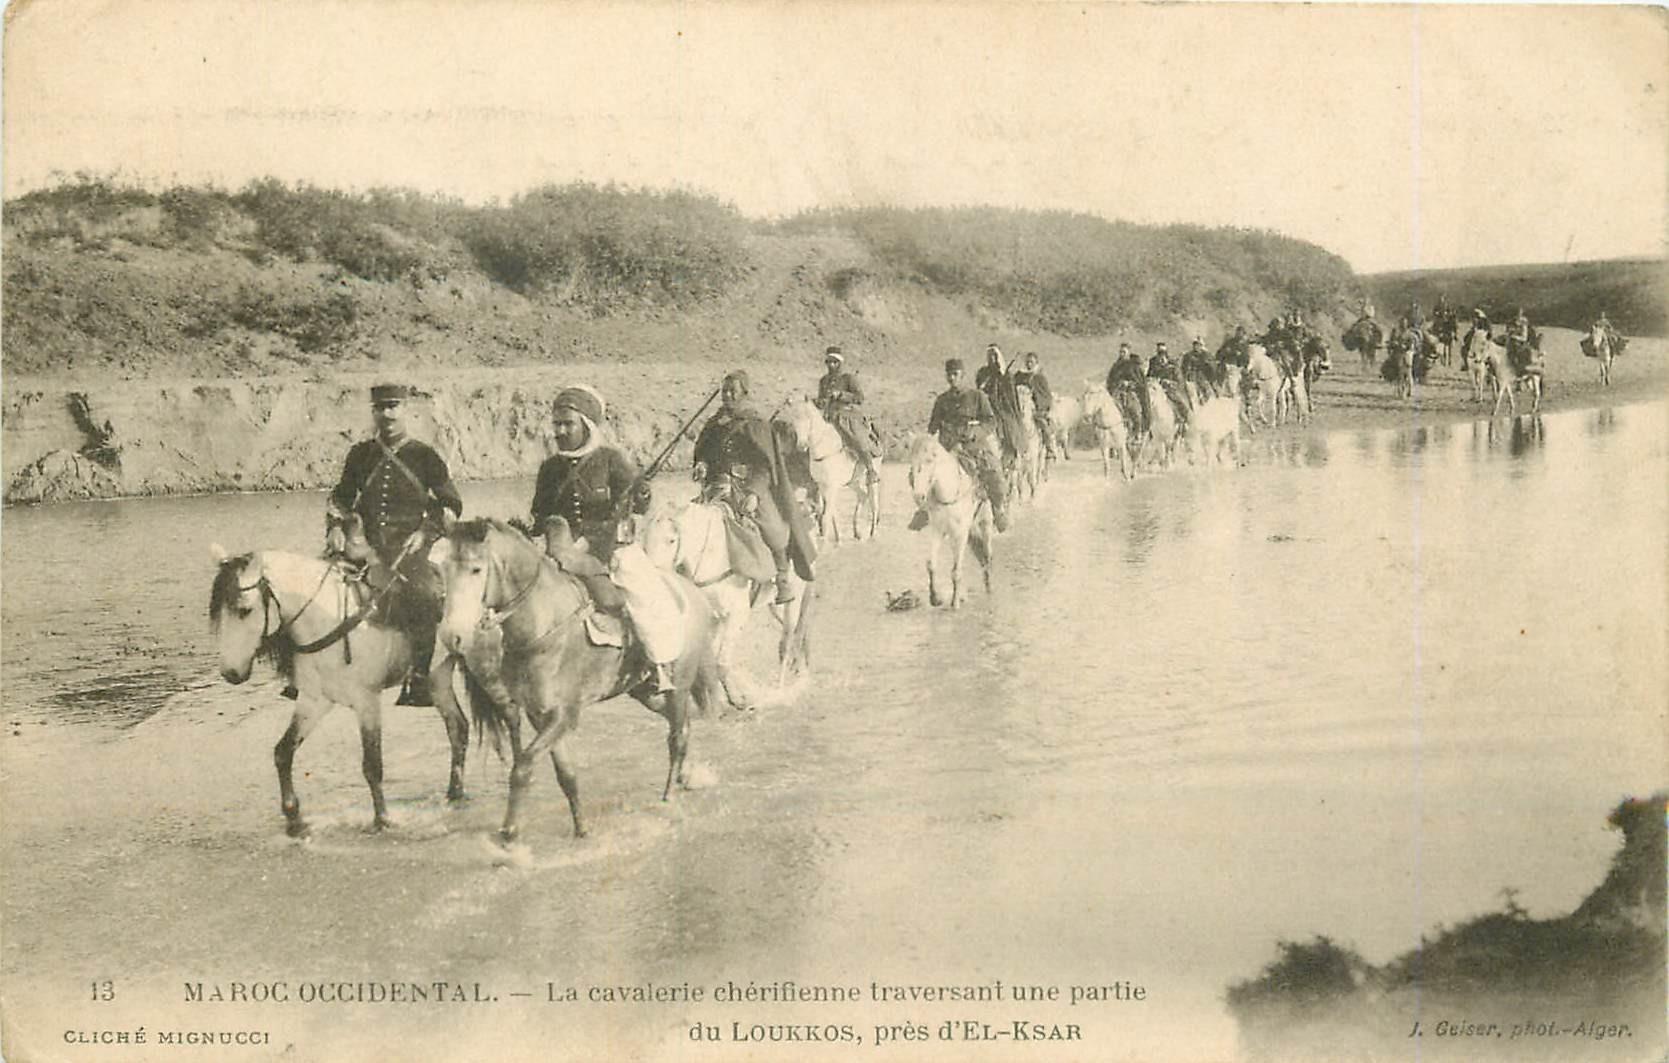 WW MAROC. Cavalerie chérifienne traversant le Loukkos près El-Ksar